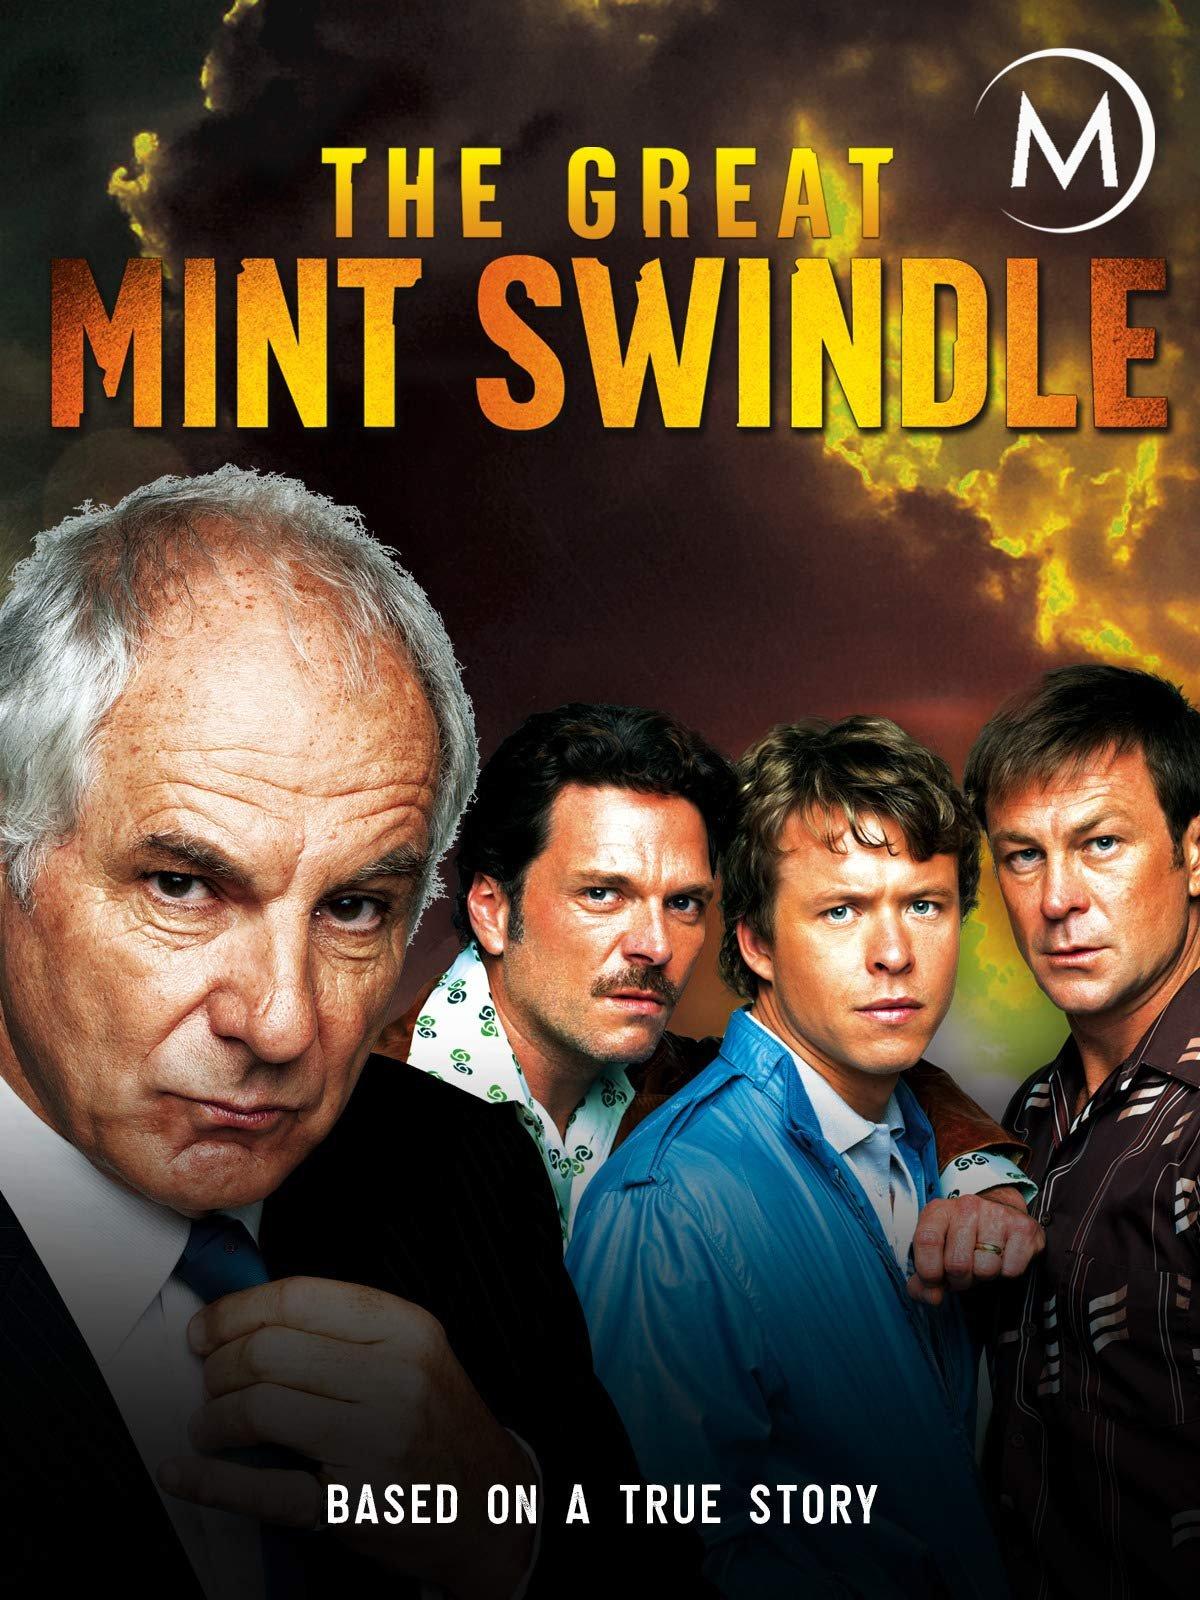 ზარაფხანის დიდი თაღლითობა The Great Mint Swindle